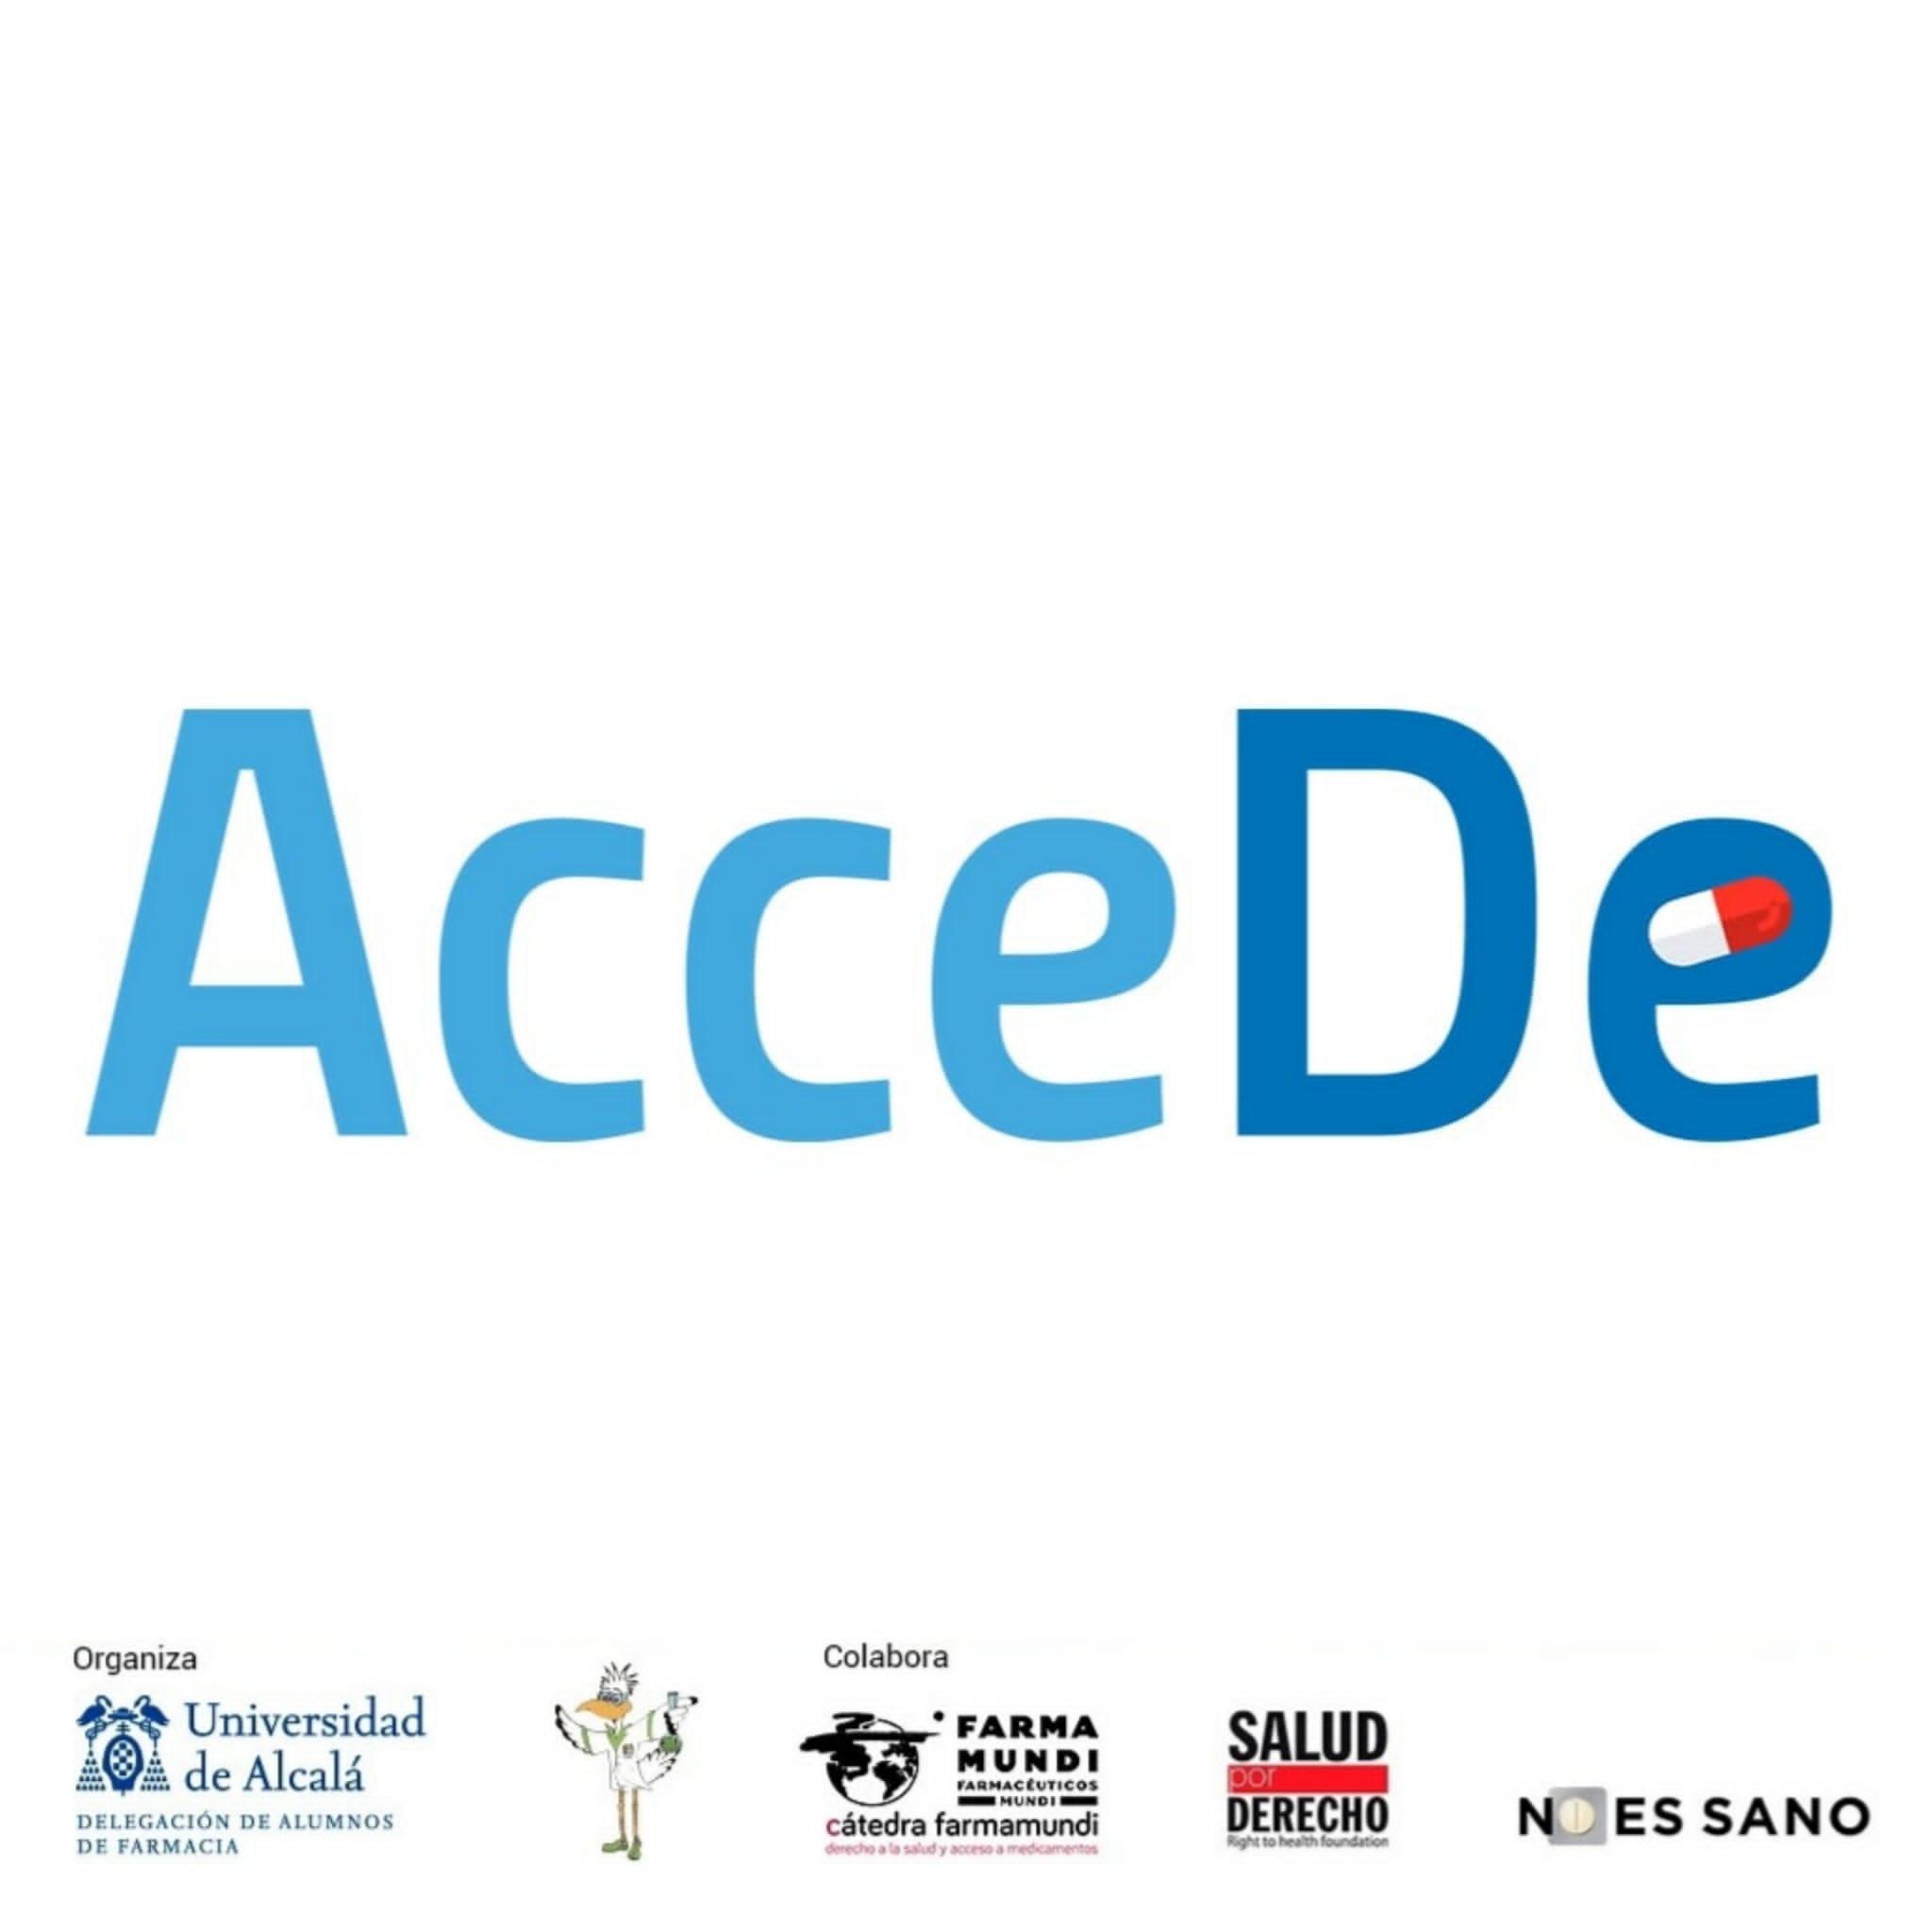 Formación on-line sobre el acceso a los medicamentos y derecho a la salud en tiempos del COVID-19